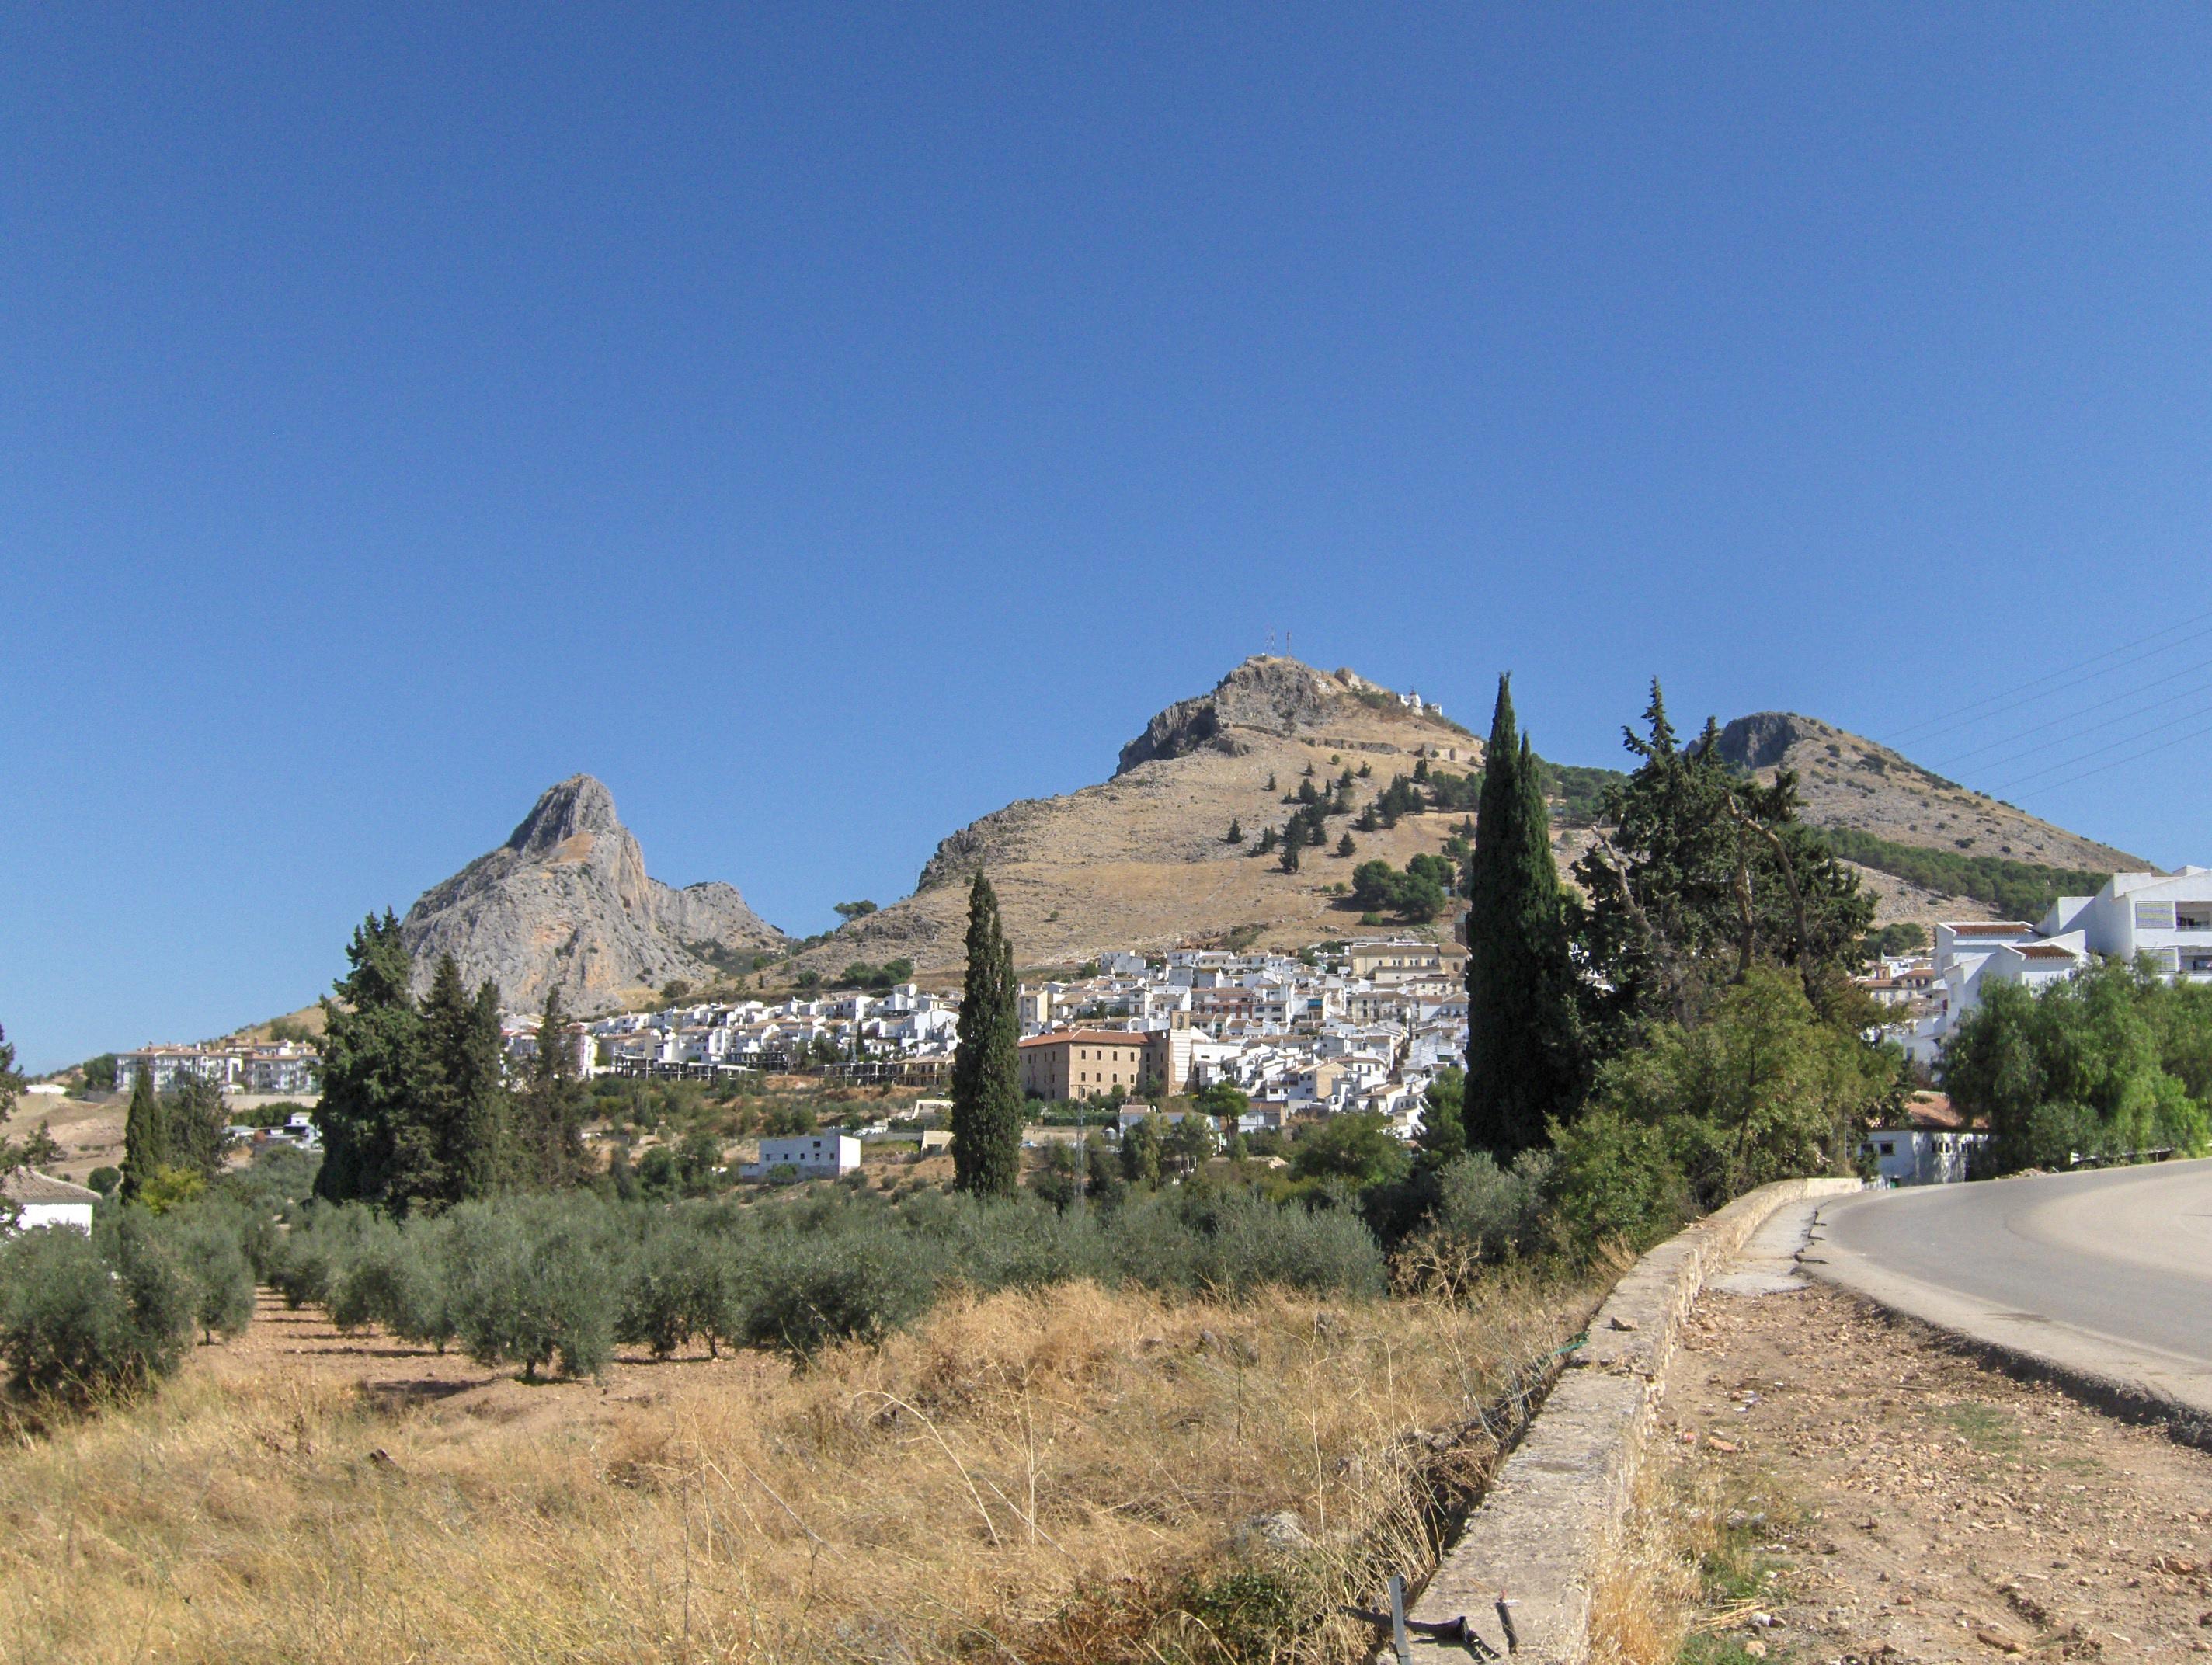 Cu l es el mejor skyline de espa a off topic foro meristation - Cual es la mejor ciudad de espana ...